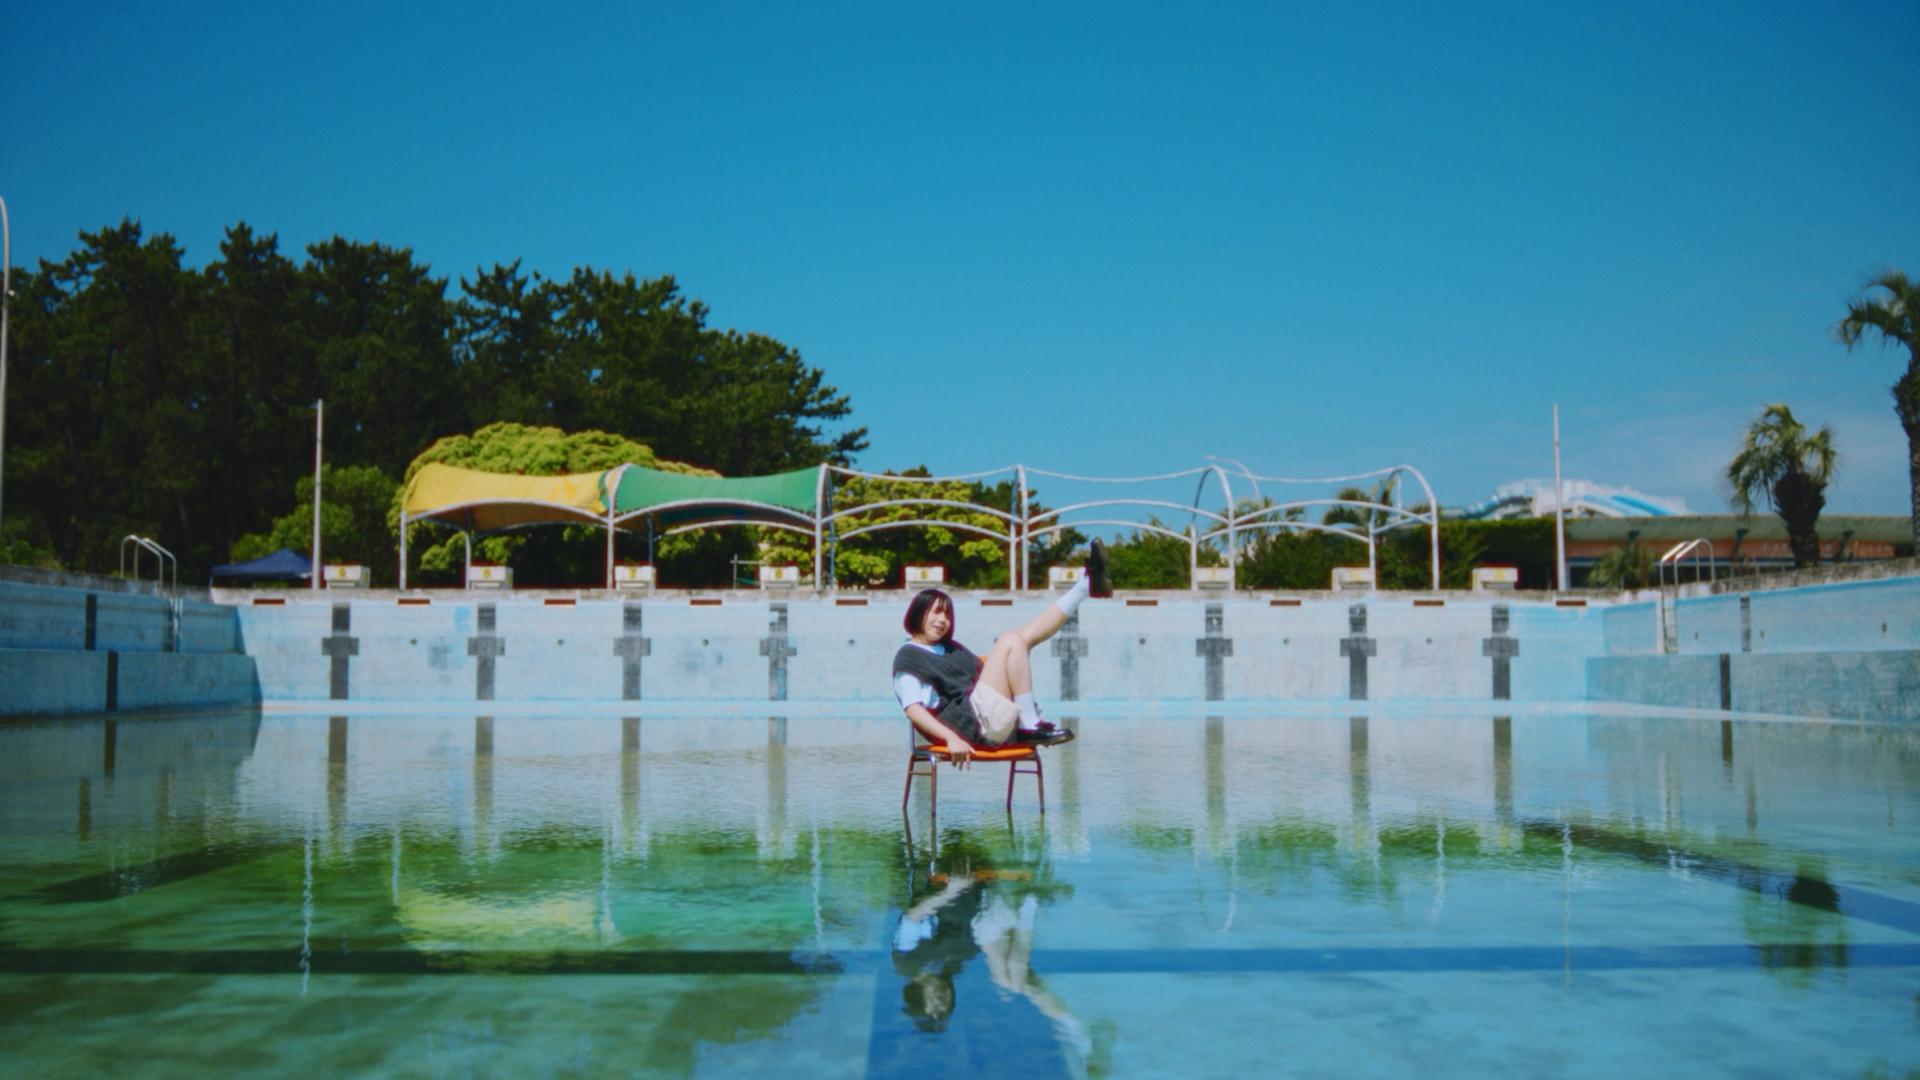 「夏」ミュージックビデオサムネイル